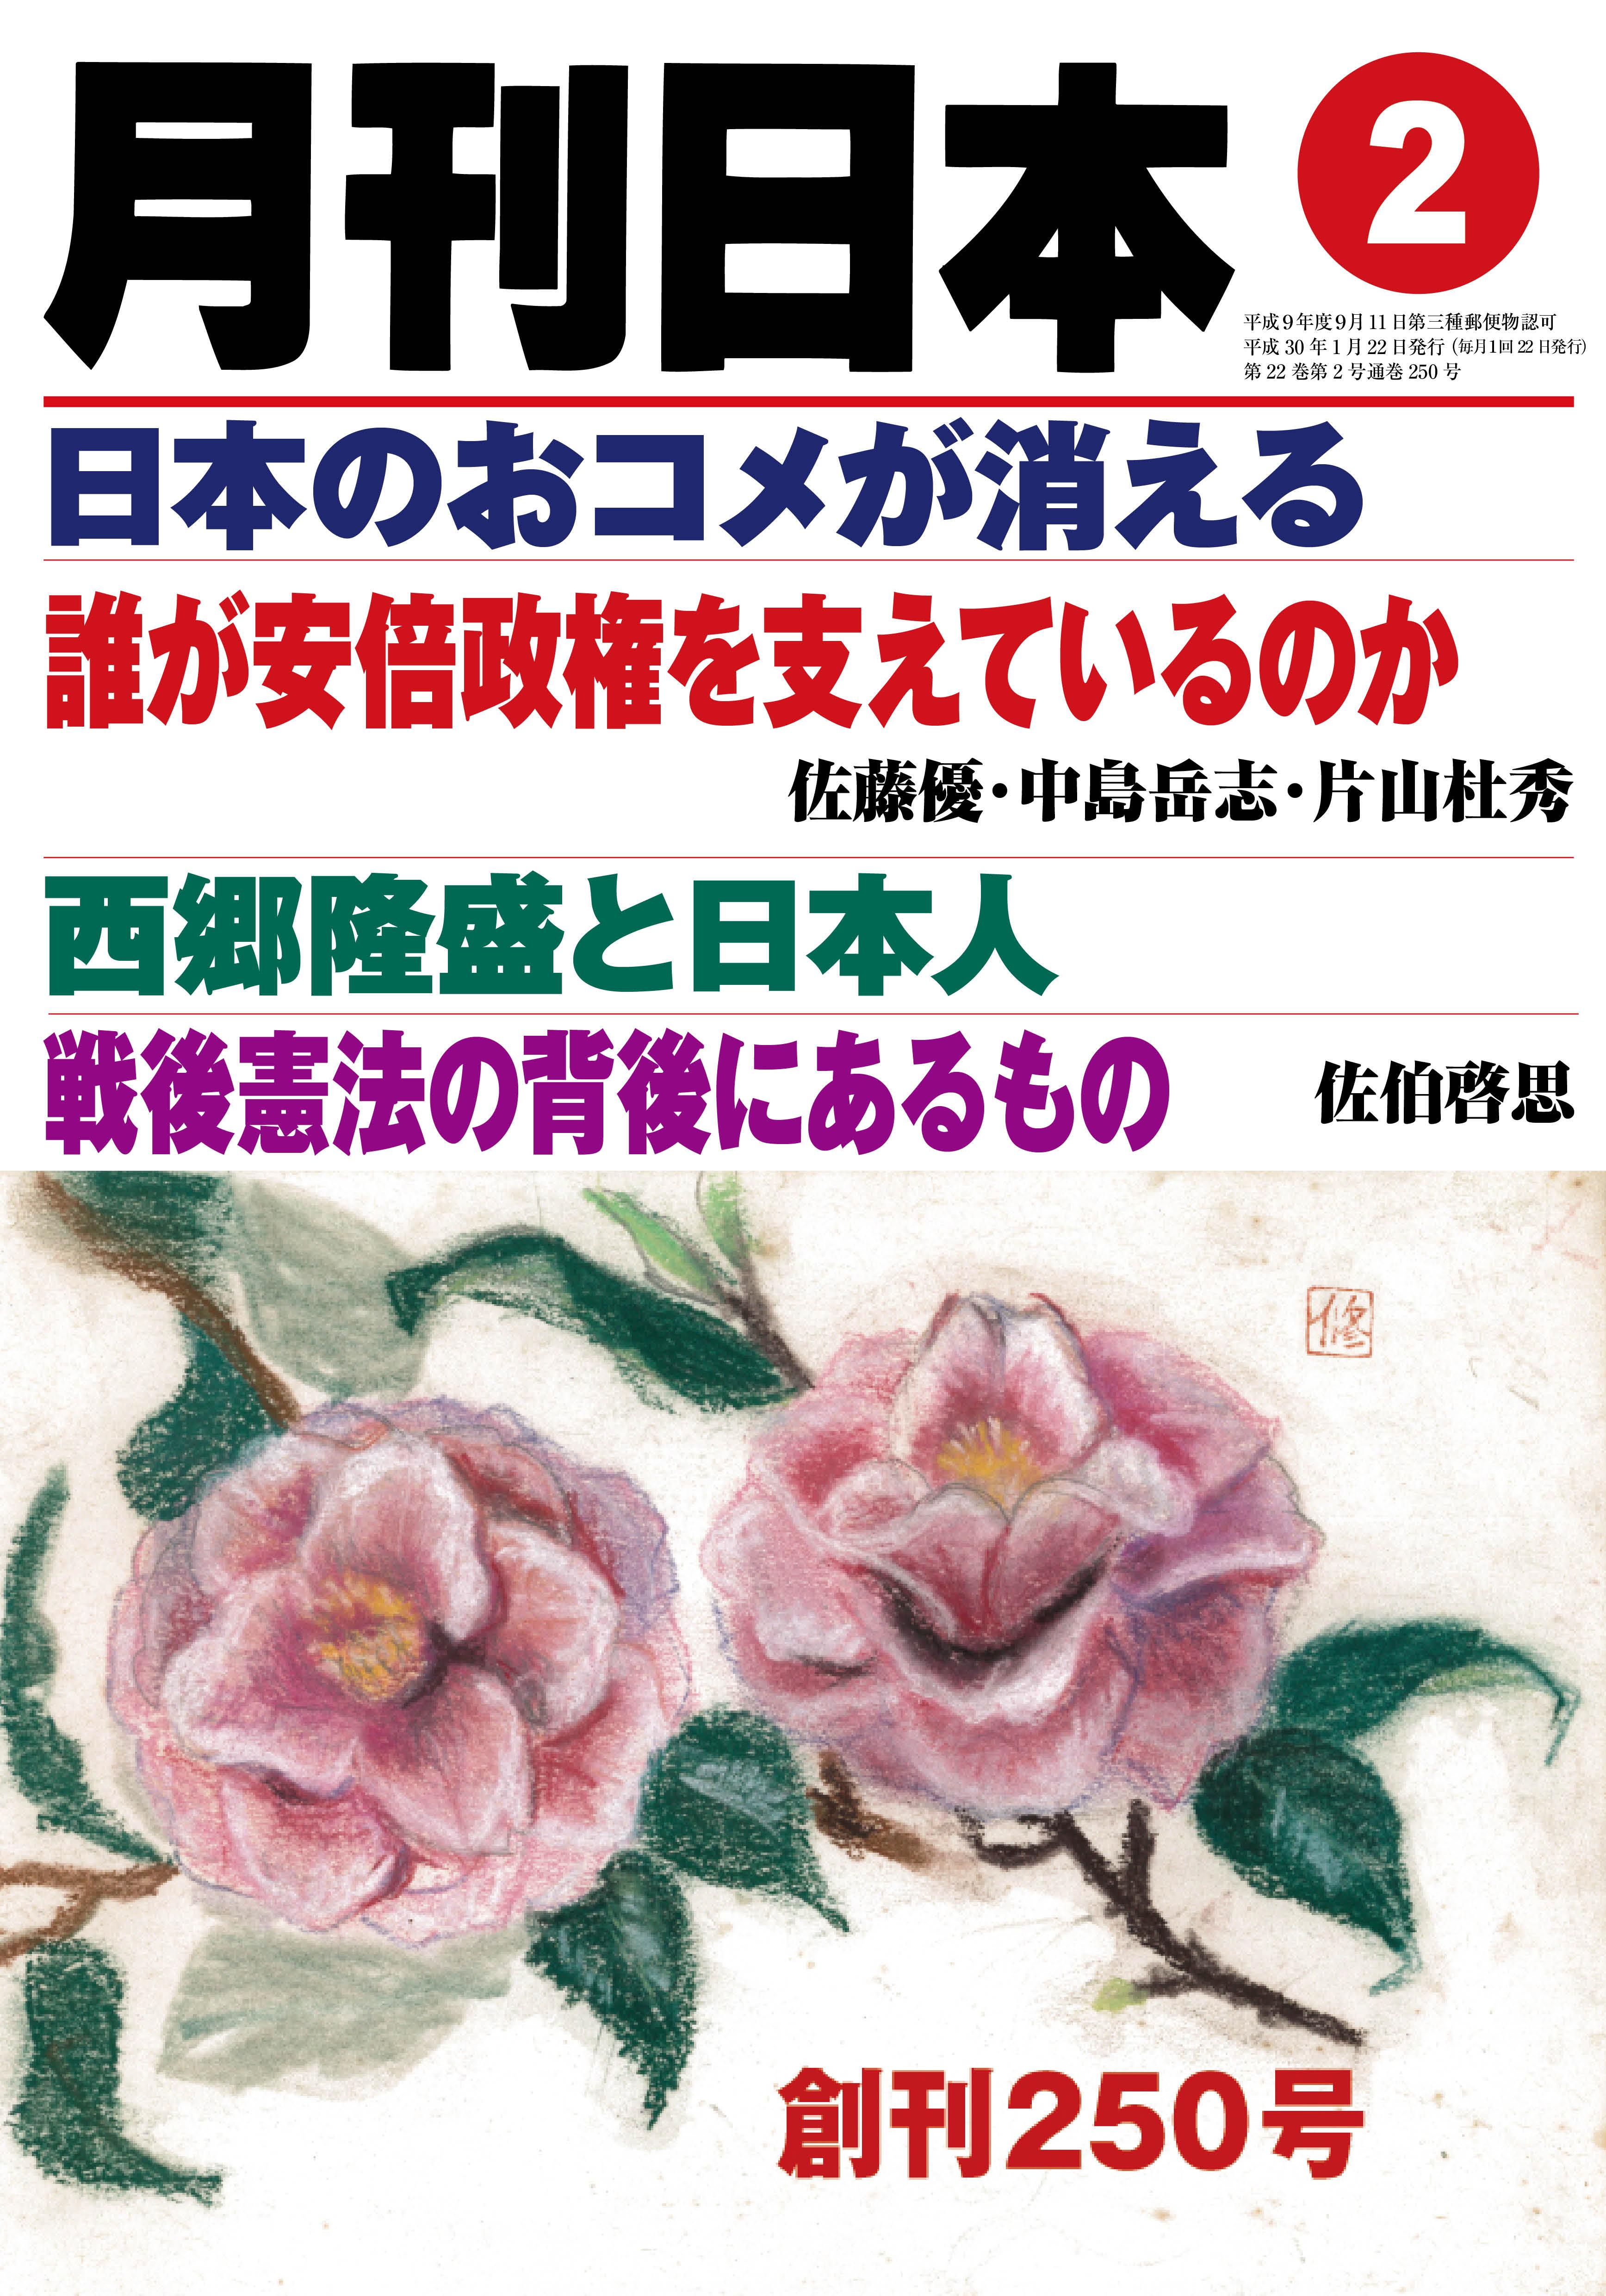 尾張藩における崎門学派と国学派② | 国を磨き、西洋近代を超える